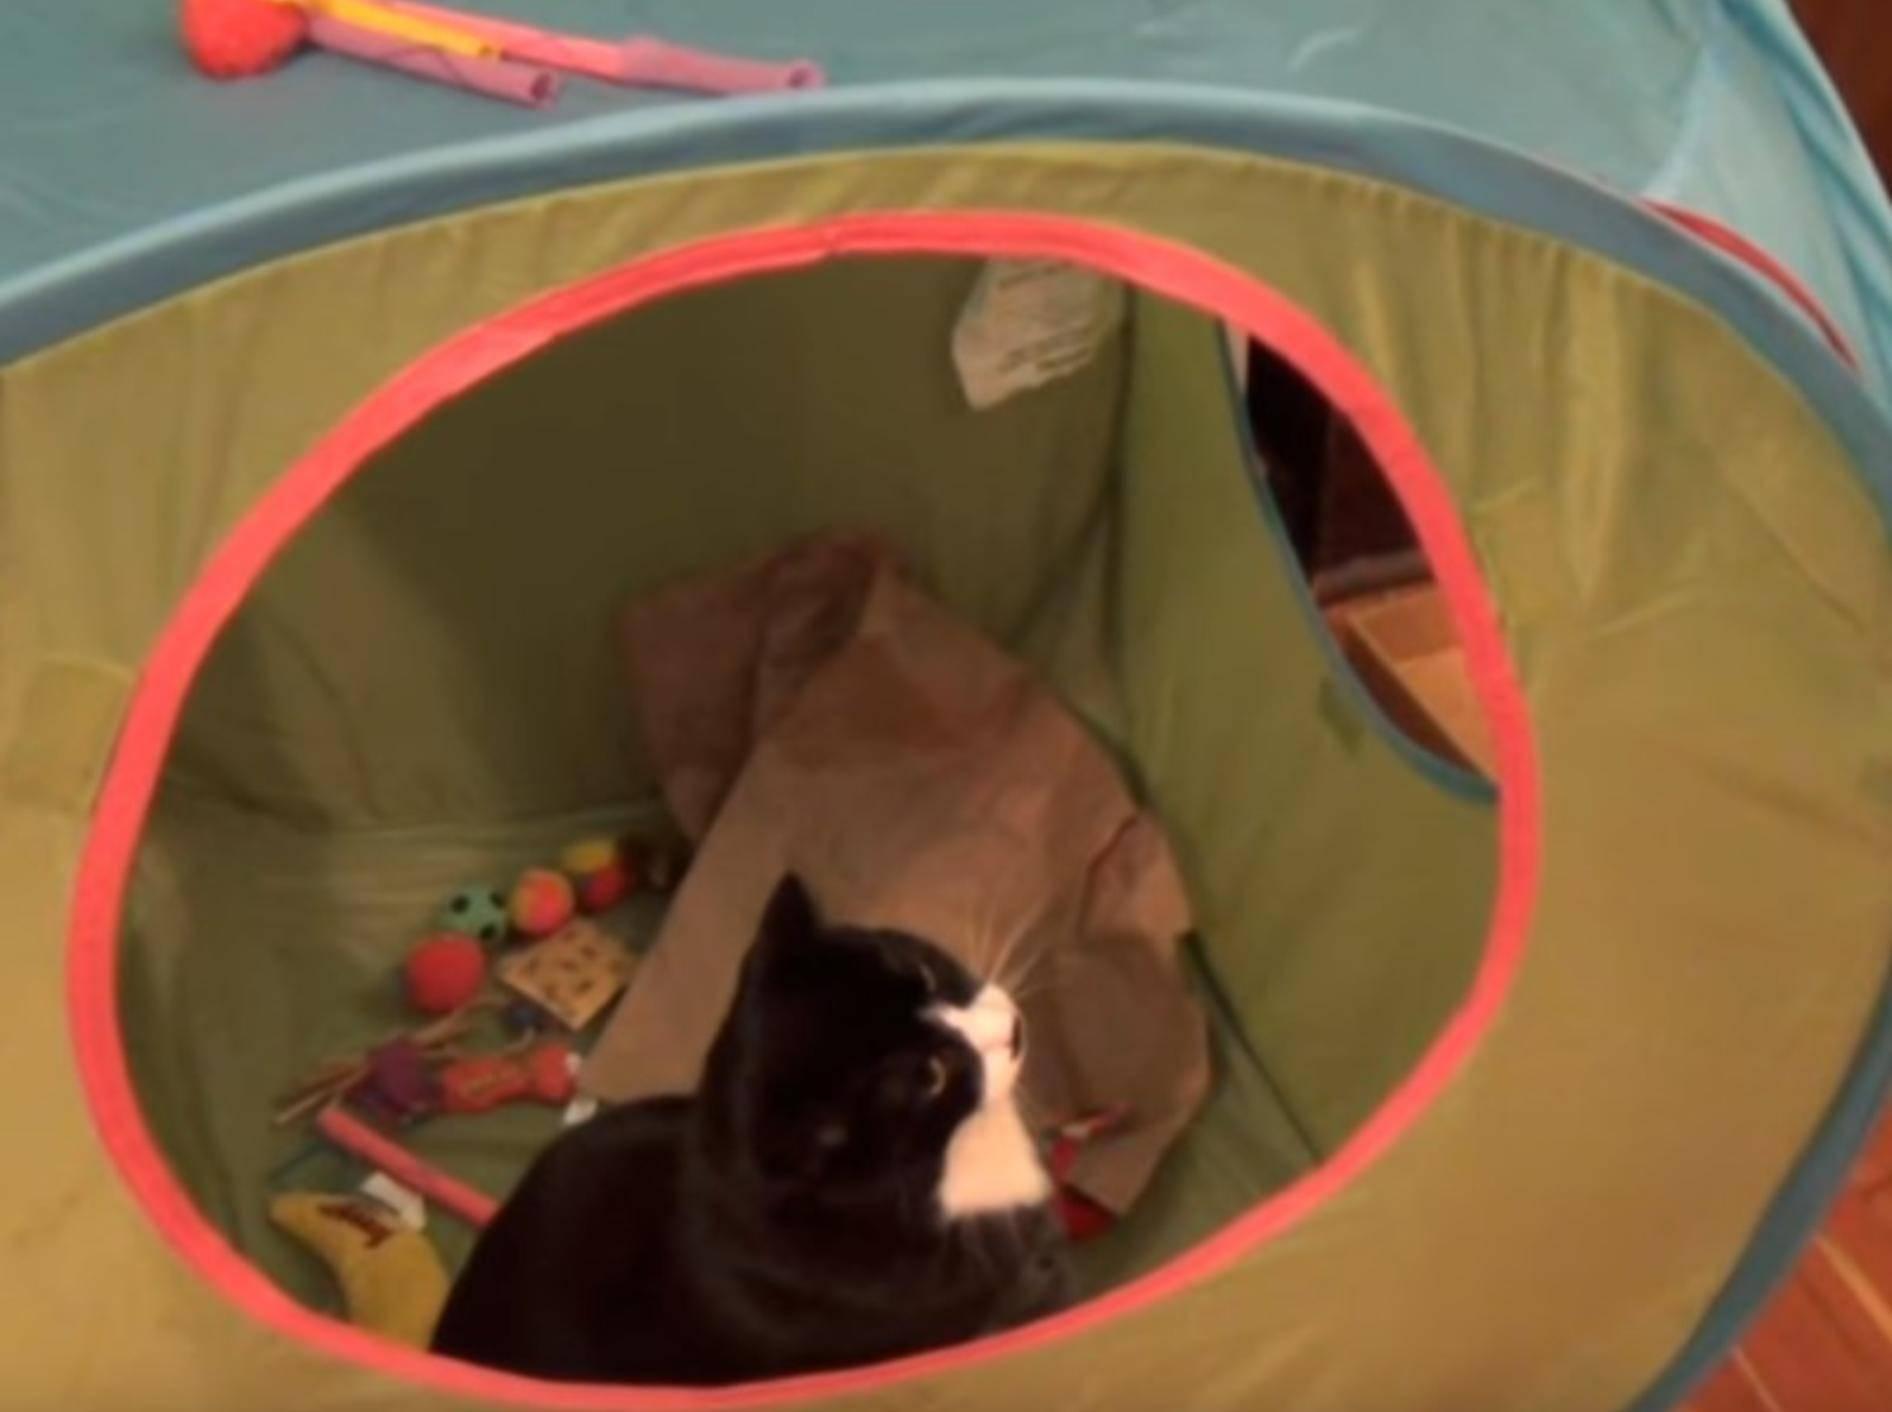 Die Katzen attackieren das Zelt und haben sichtlich Spaß daran - YuoTube / The Kids Cats